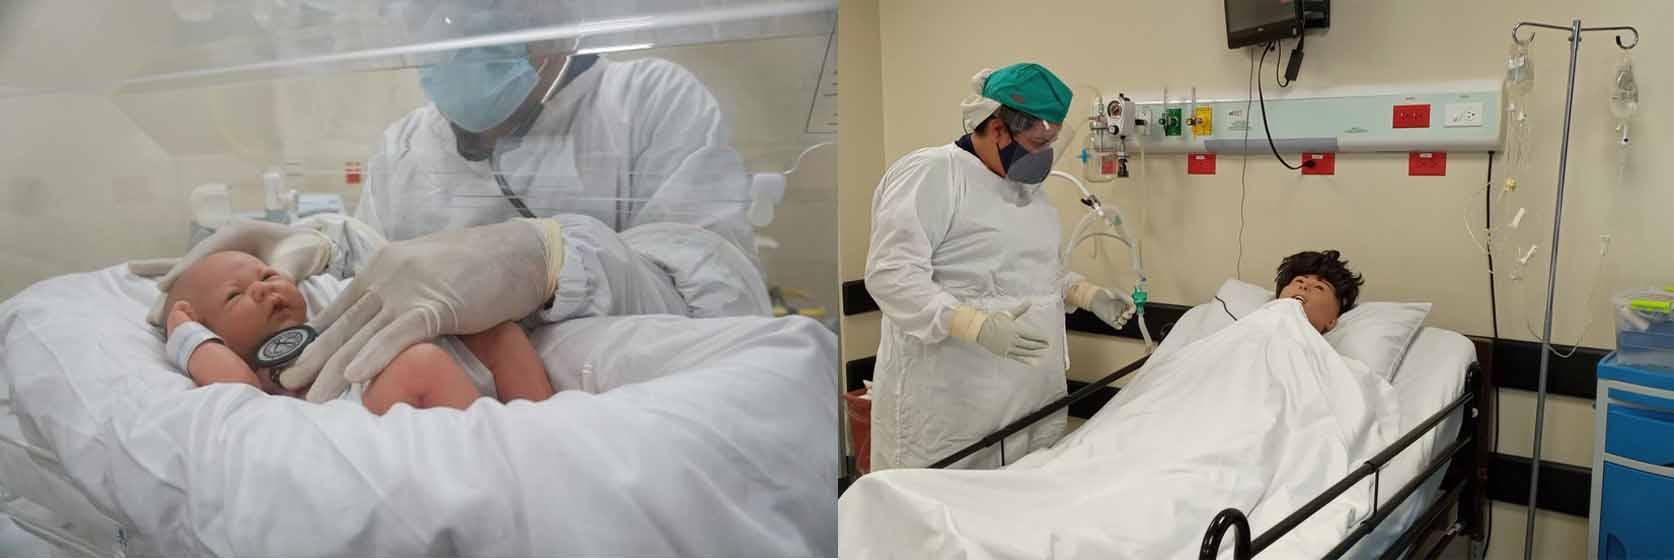 La simulación clínica: ¿qué es y porqué U Santa Paula fortaleció esta estrategia en Ciencias de la Salud?